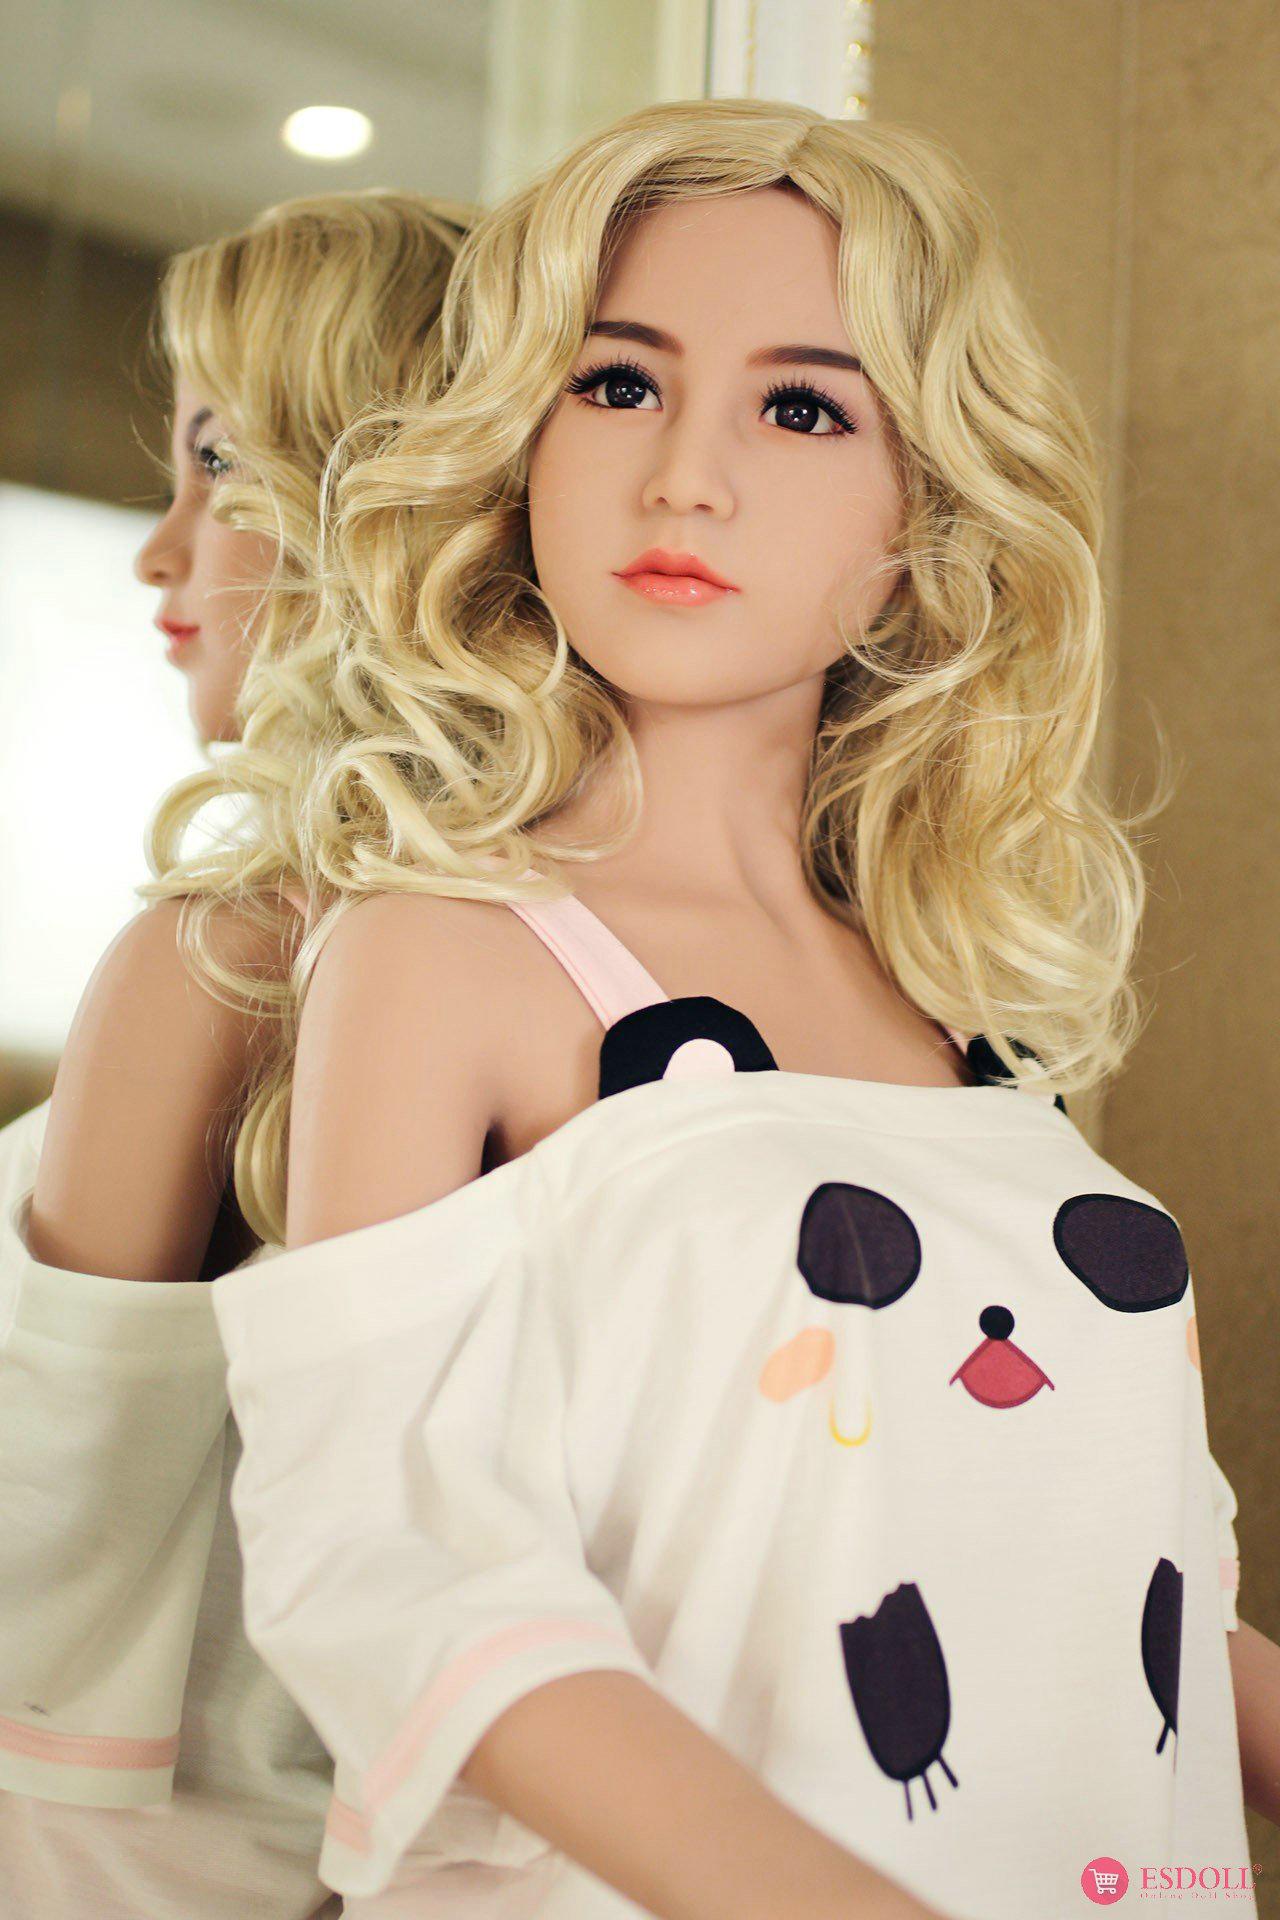 156cm 5.12ft Bonnie Silicone sex doll - 14